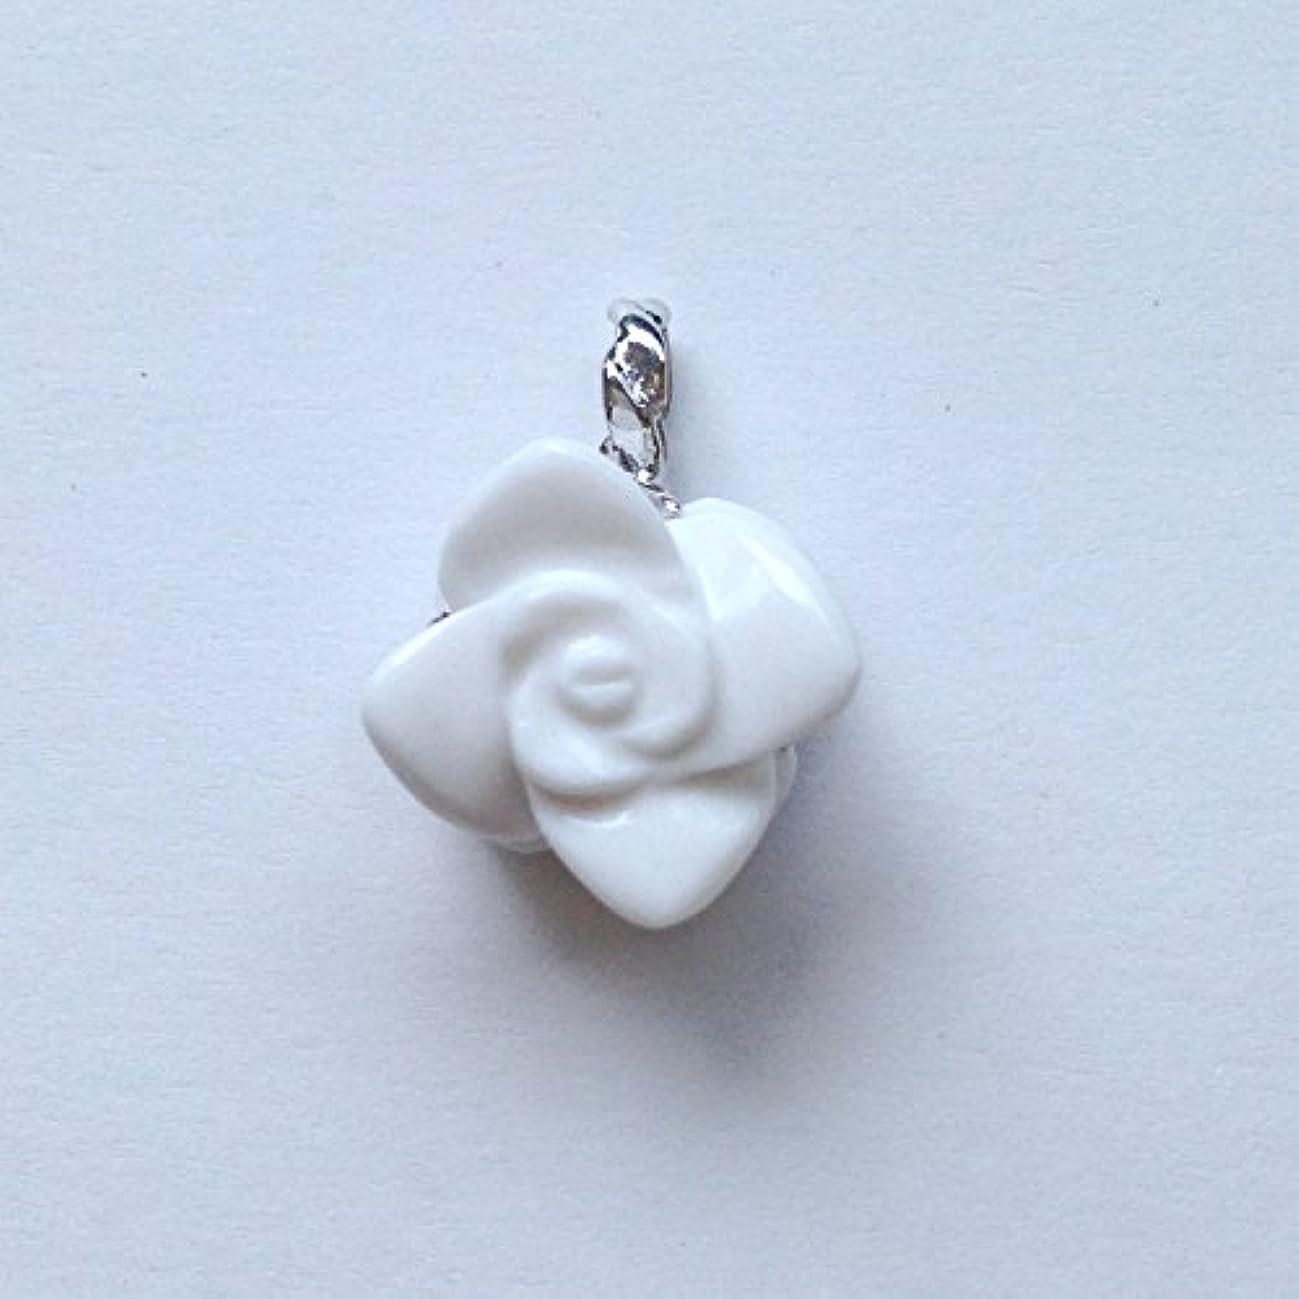 高度政府他に香る宝石SVホワイトメノウペンダント通常¥26,800の所 (Ag925)